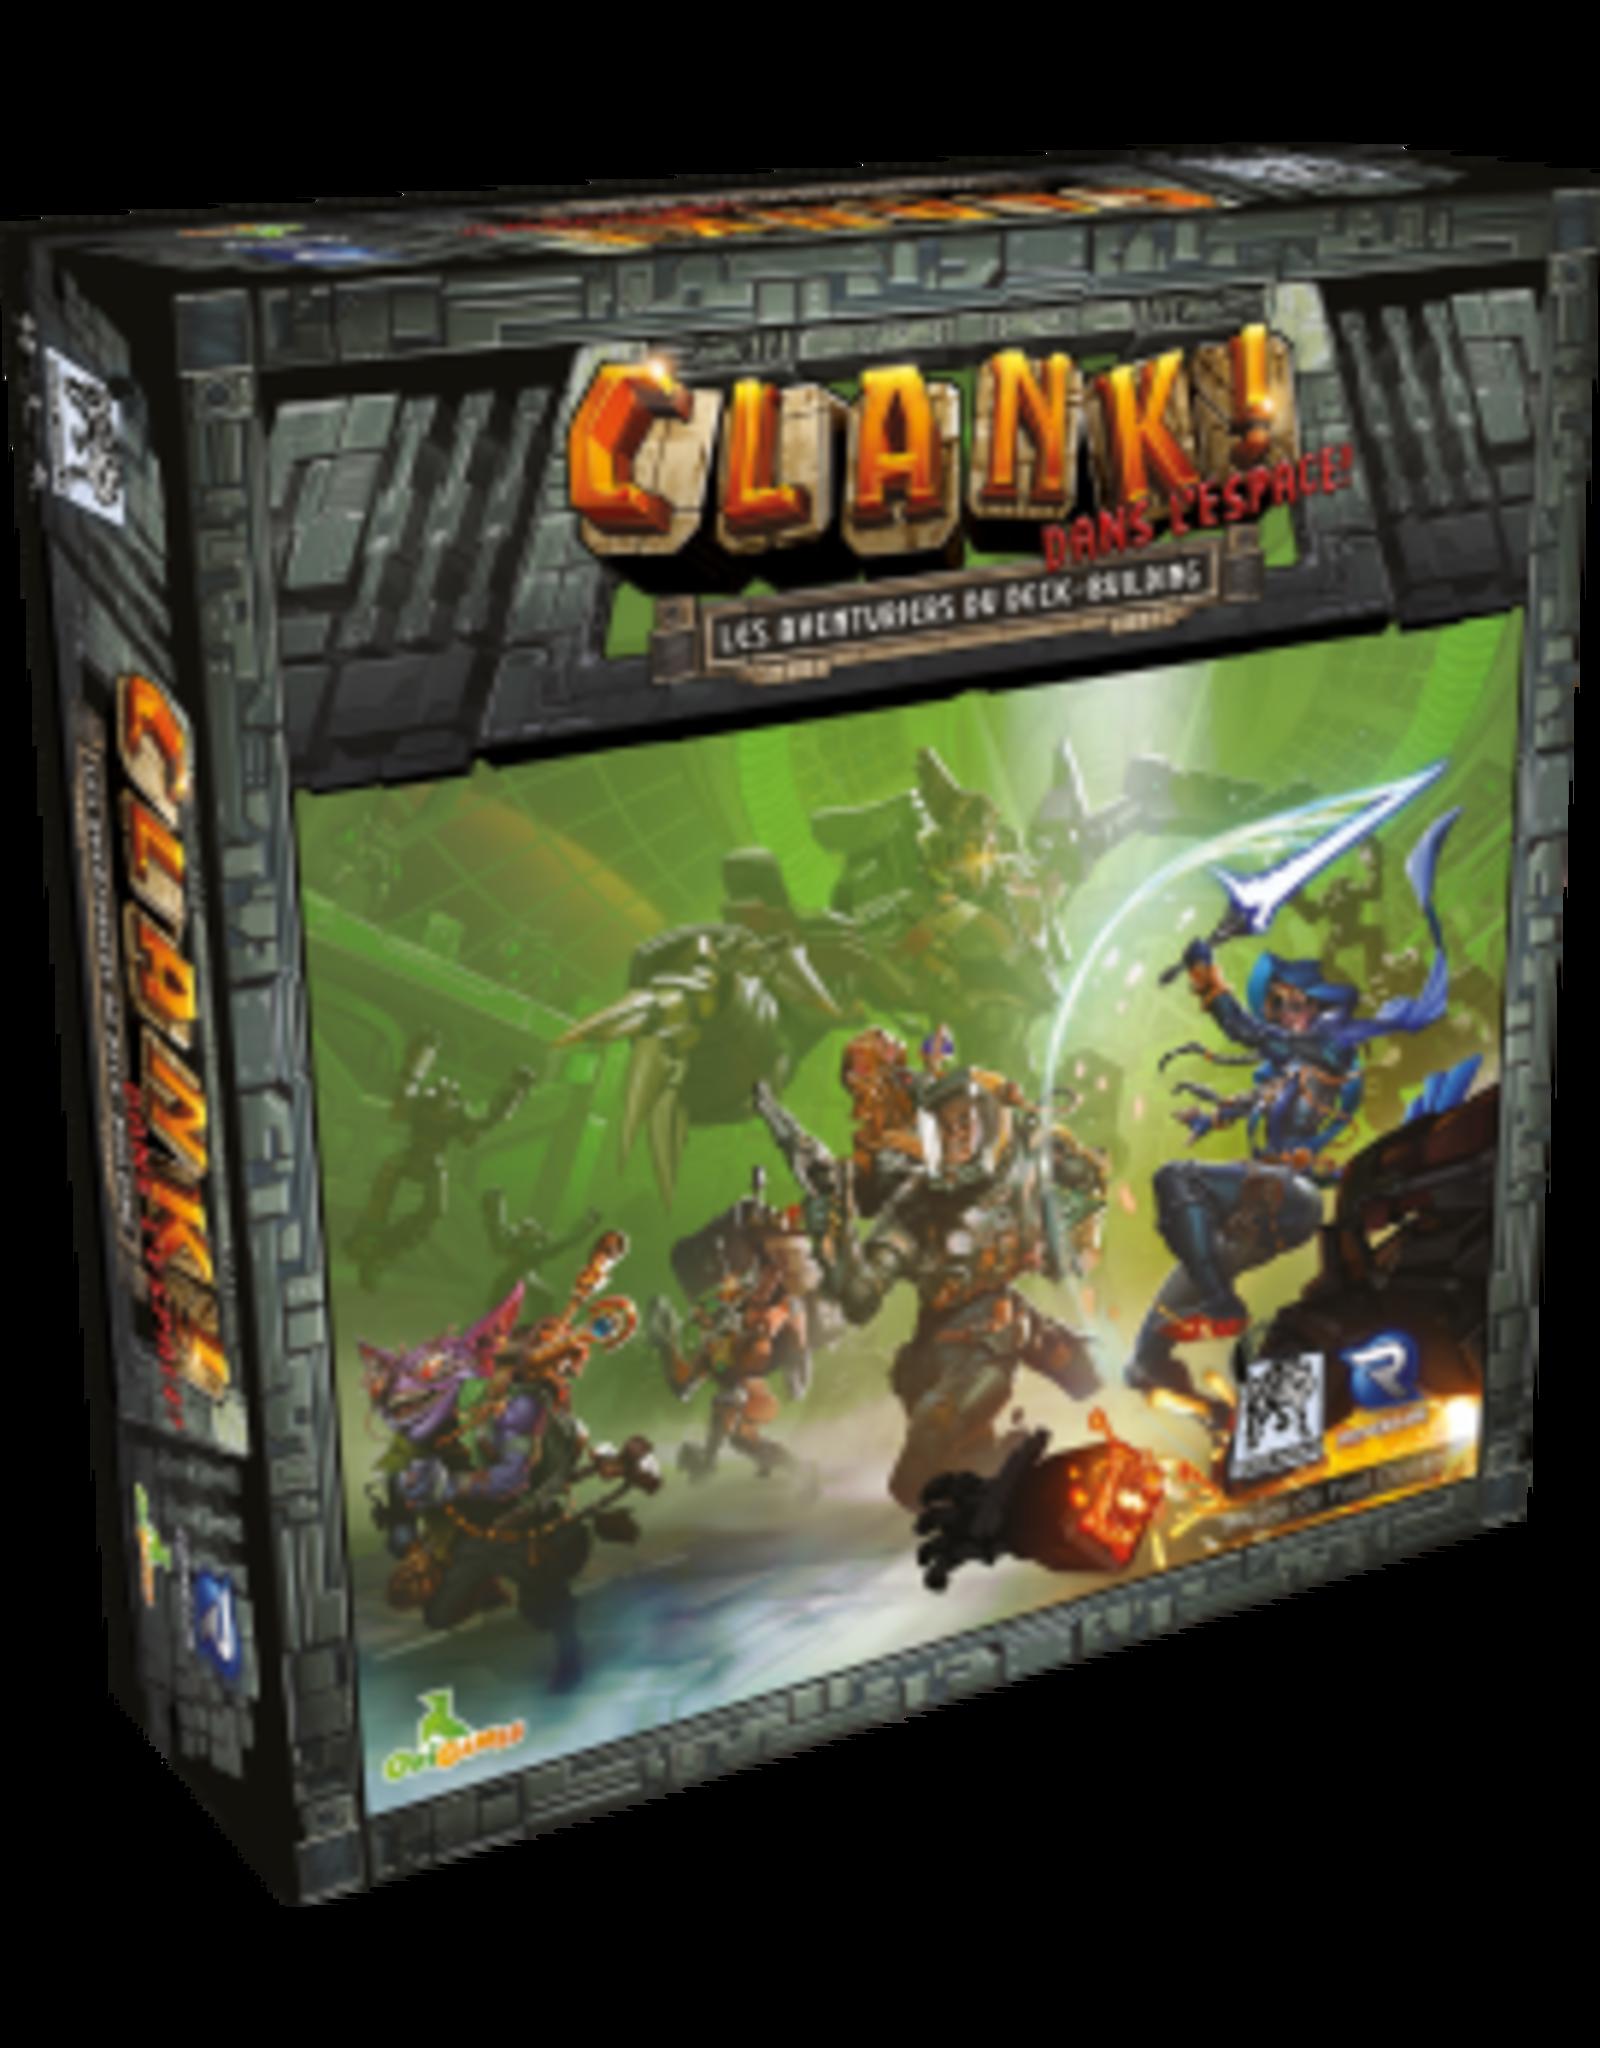 Renegade Clank! dans l'Espace